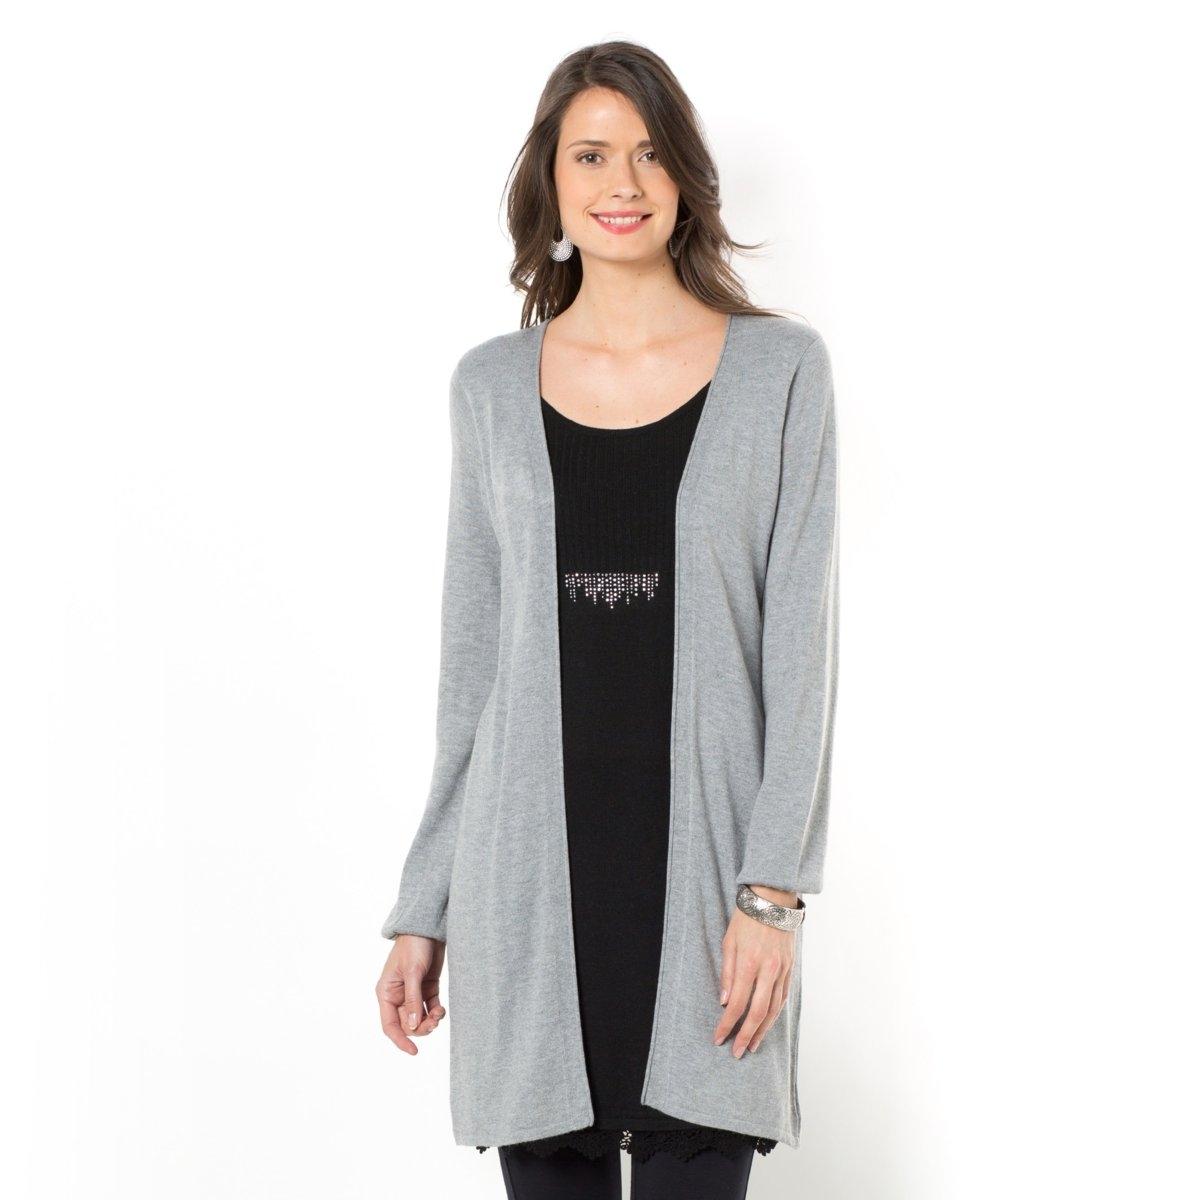 Пуловер-туника 2 в 1Эффект длинного кардигана, надетого на пуловер. Боковые линии подчеркнуты россыпью страз. Отделка низа гипюром. Длинные зауженные рукава со сборками на манжетах. Длина ок. 85 см. Трикотаж, 50% вискозы, 40% полиамида, 10% шерсти.<br><br>Цвет: серый меланж